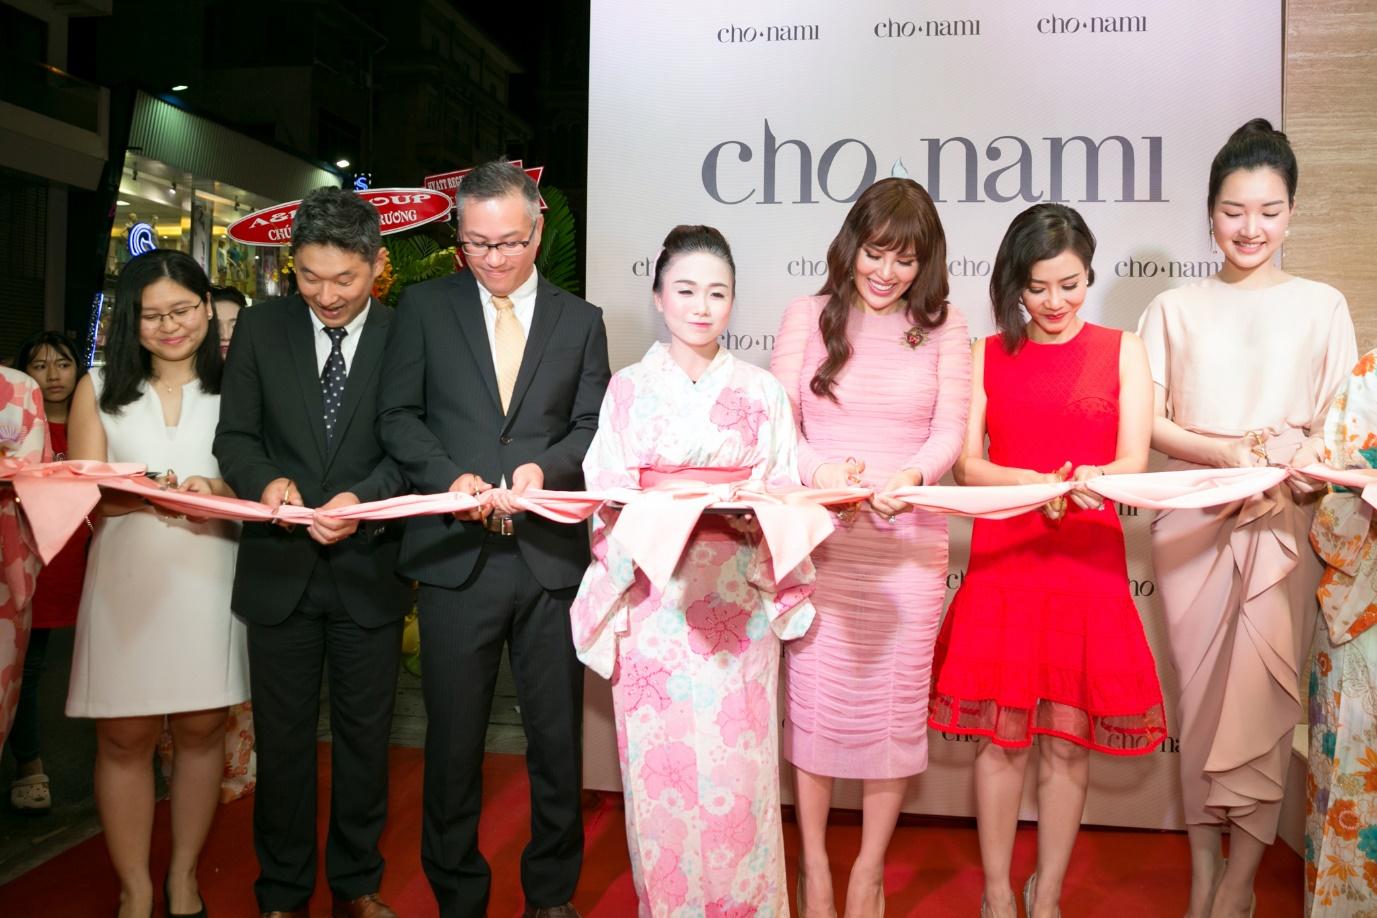 Mỹ phẩm Cho Nami chính thức có mặt tại Việt Nam - Ảnh 1.